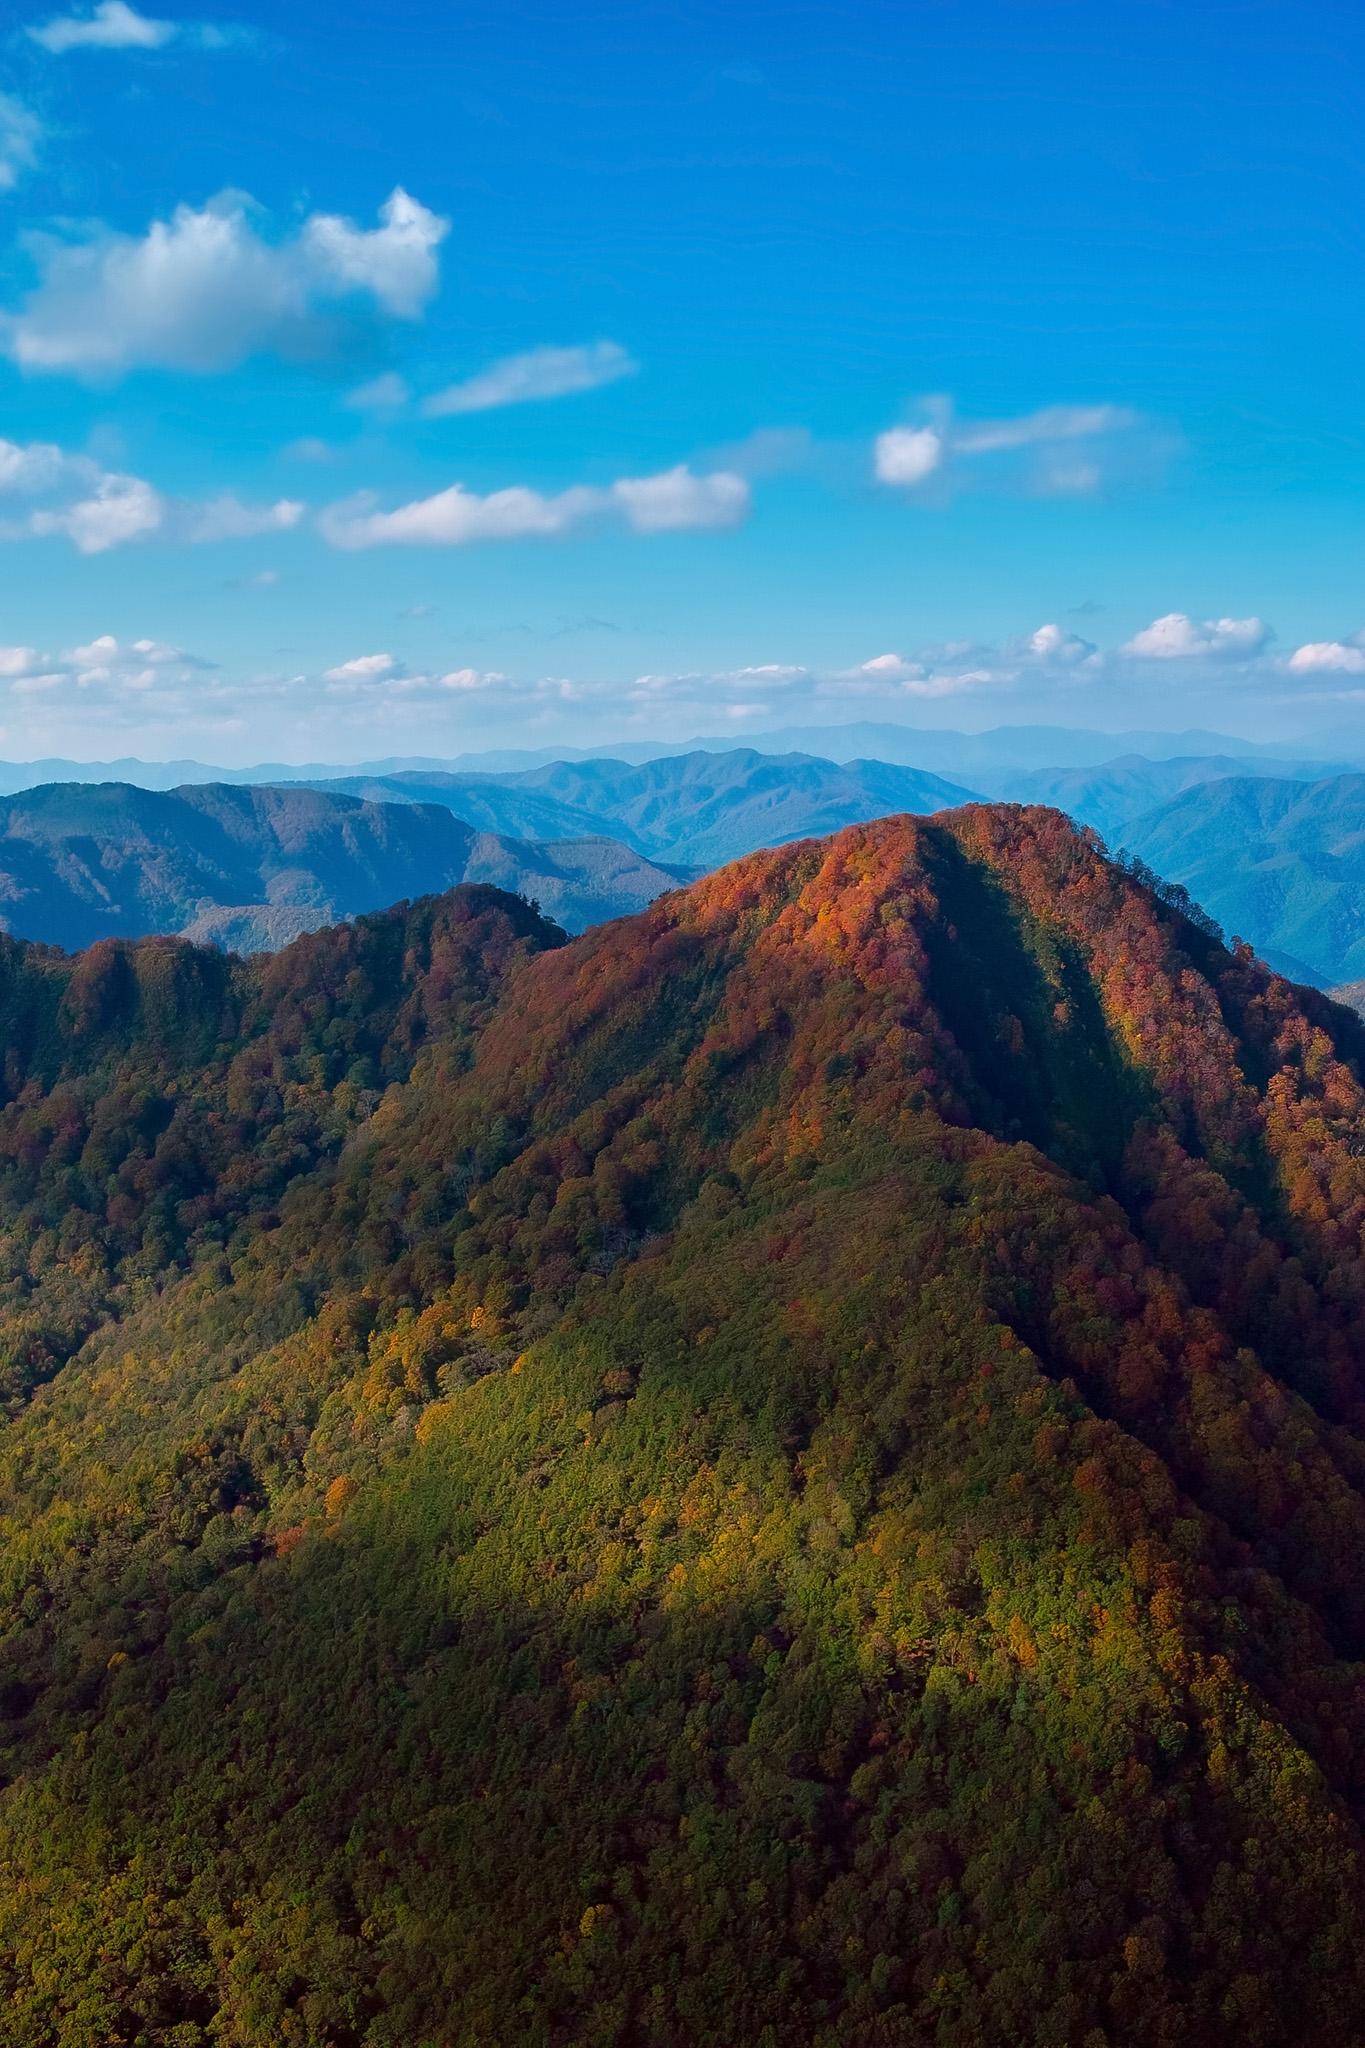 「色彩が美しい秋の連山」の画像を無料ダウンロード